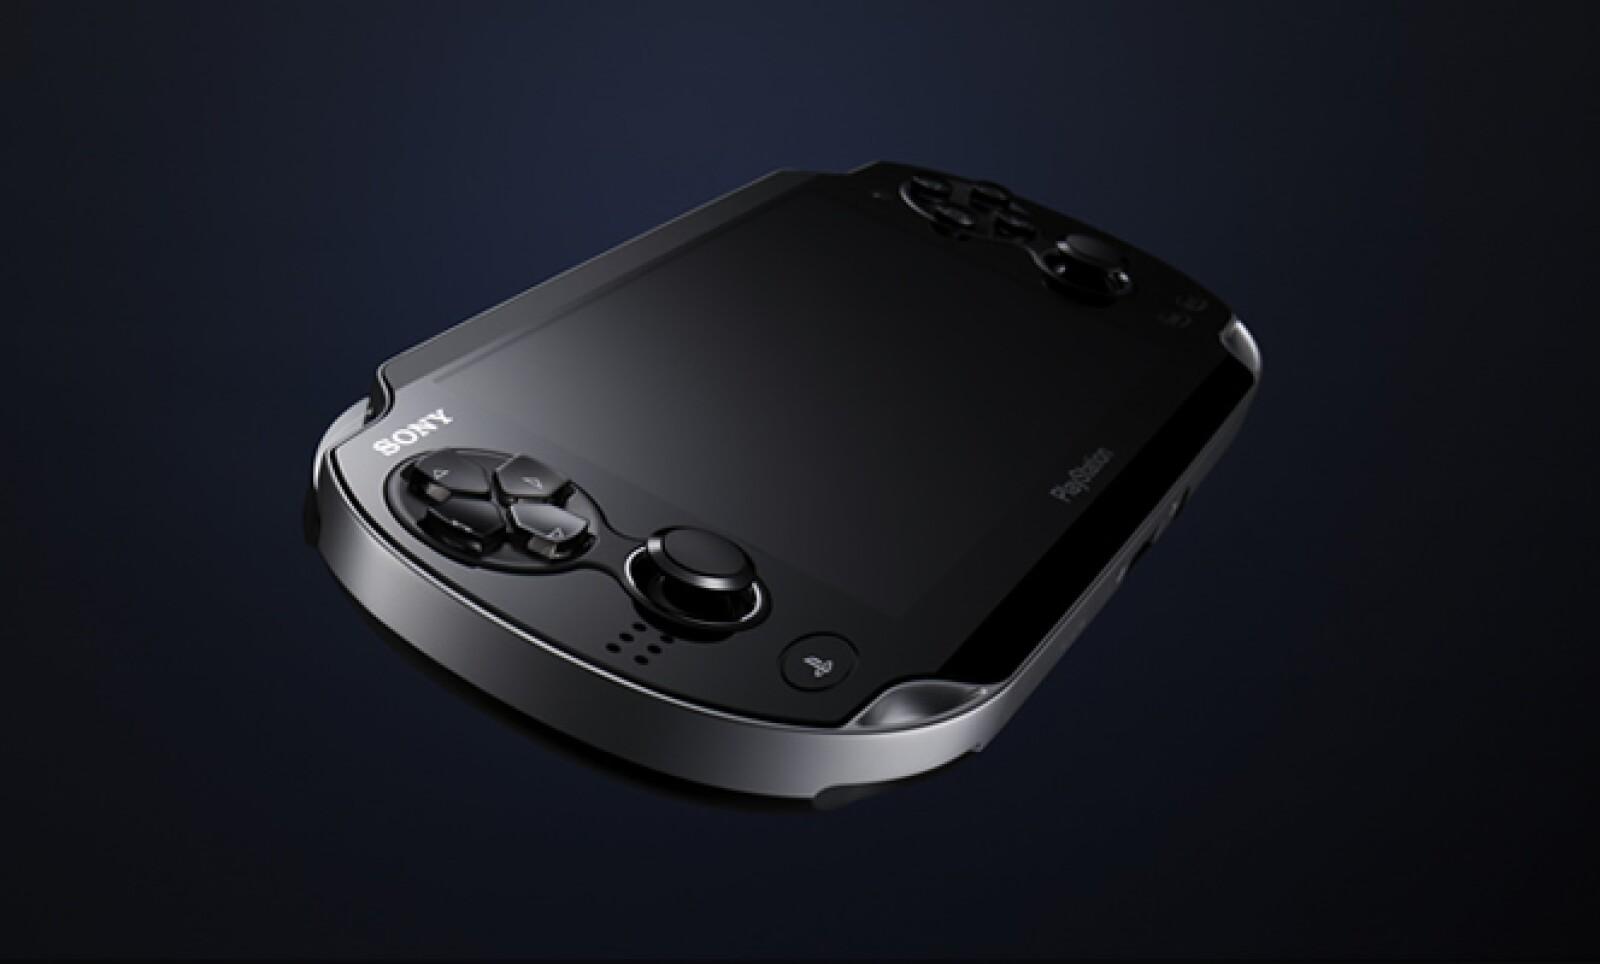 Sony presentó su nueva consola portátil, PSP VITA. Tiene una pantalla táctil tipo OLED de 5 pulgadas al frente y una pantalla táctil en la parte trasera.